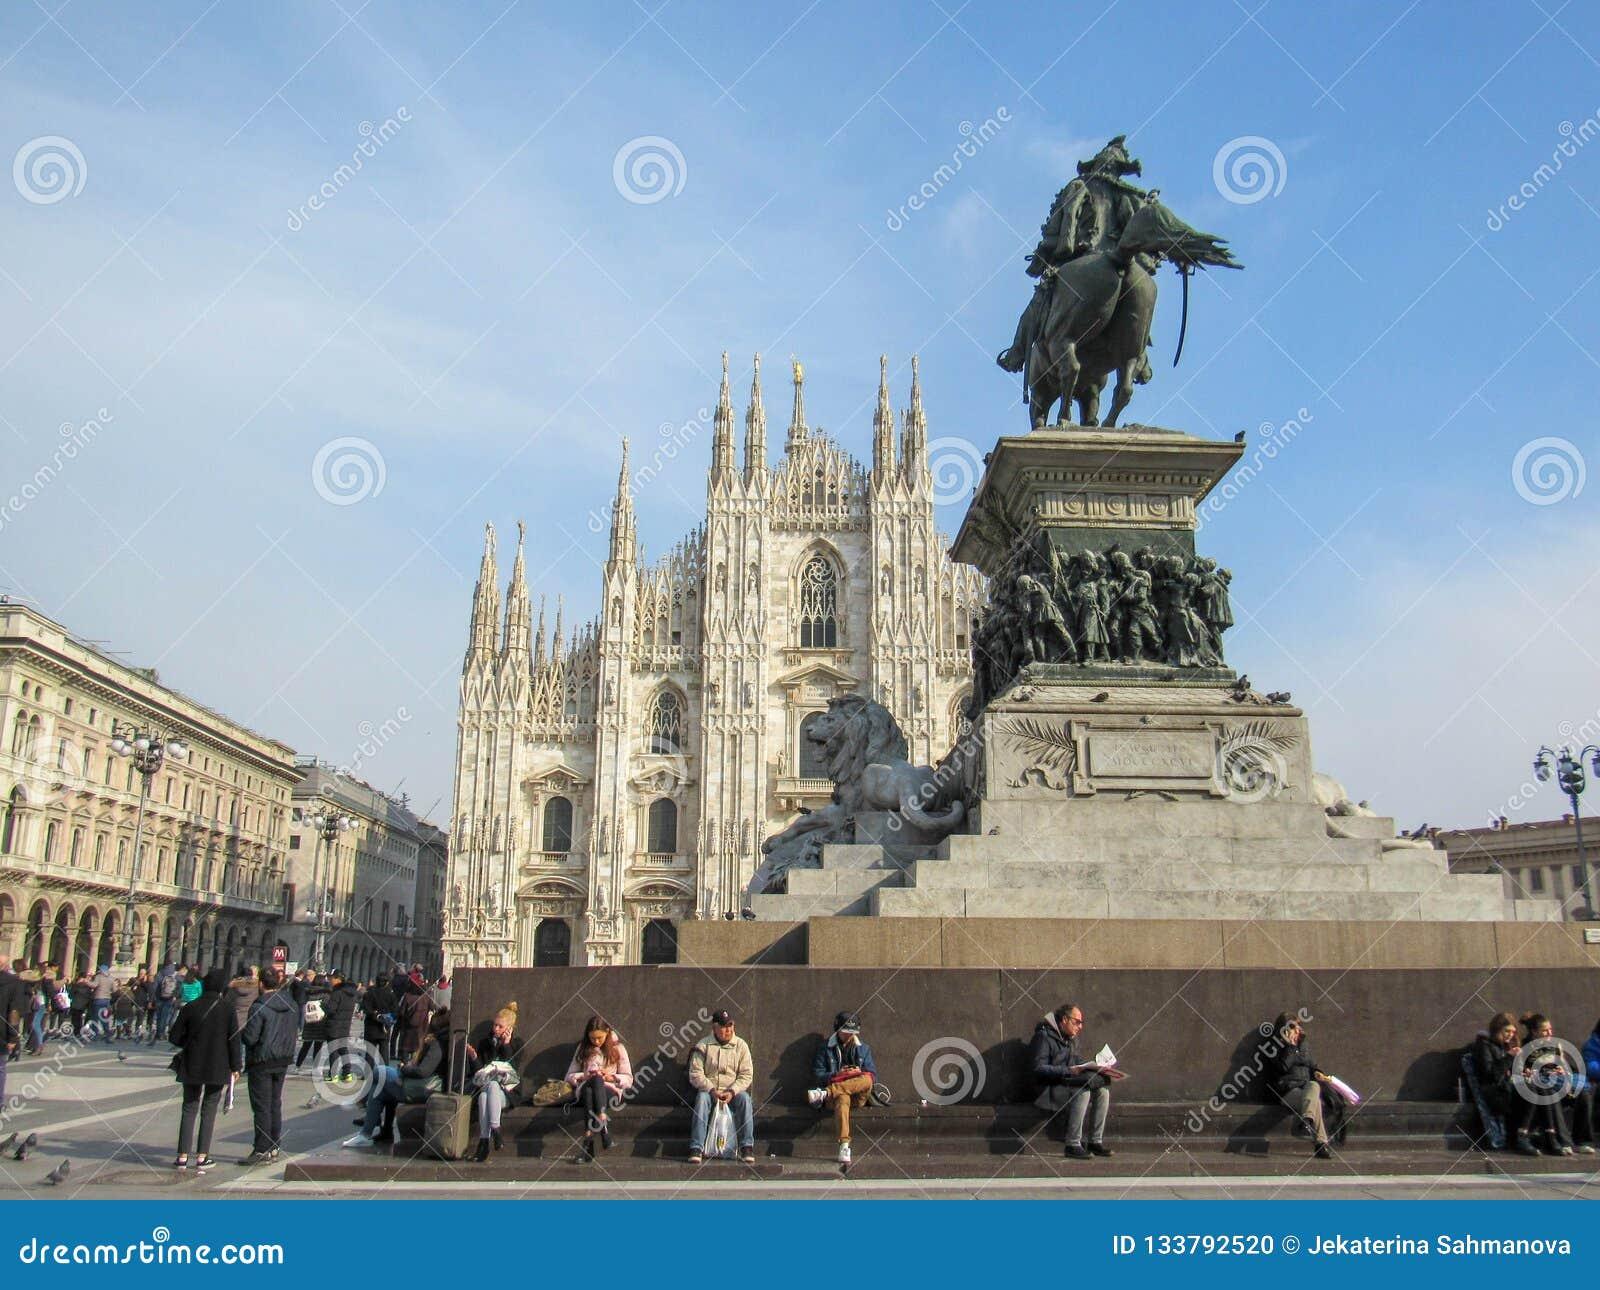 Condizione della chiesa di Milan Cathedral fiera in Piazza del Duomo a Milano, Lombardia, Italia al febbraio 2018